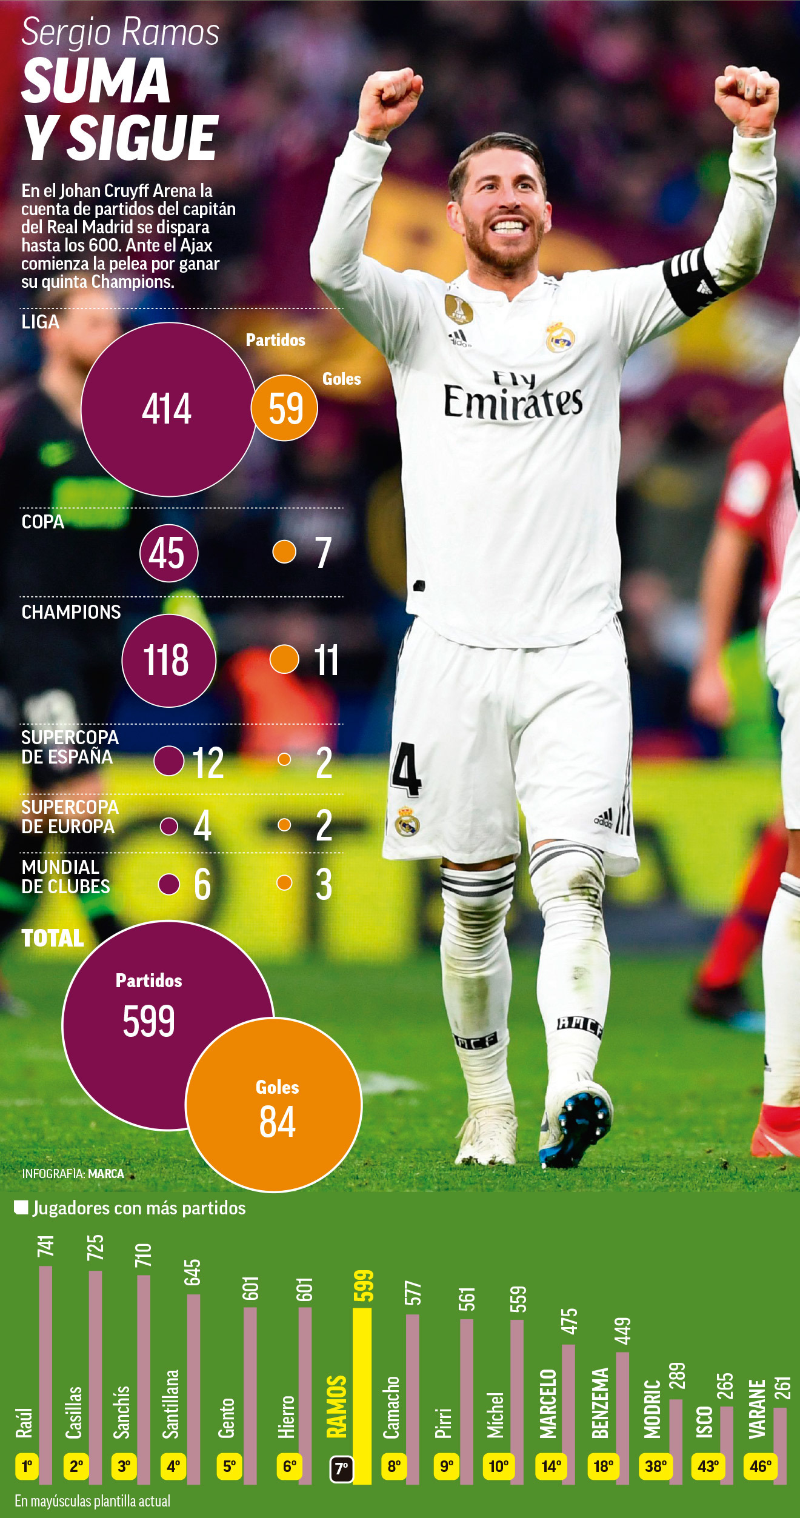 طعم ویژه بازی با آژاکس برای کاپیتان رئال مادرید (عکس)